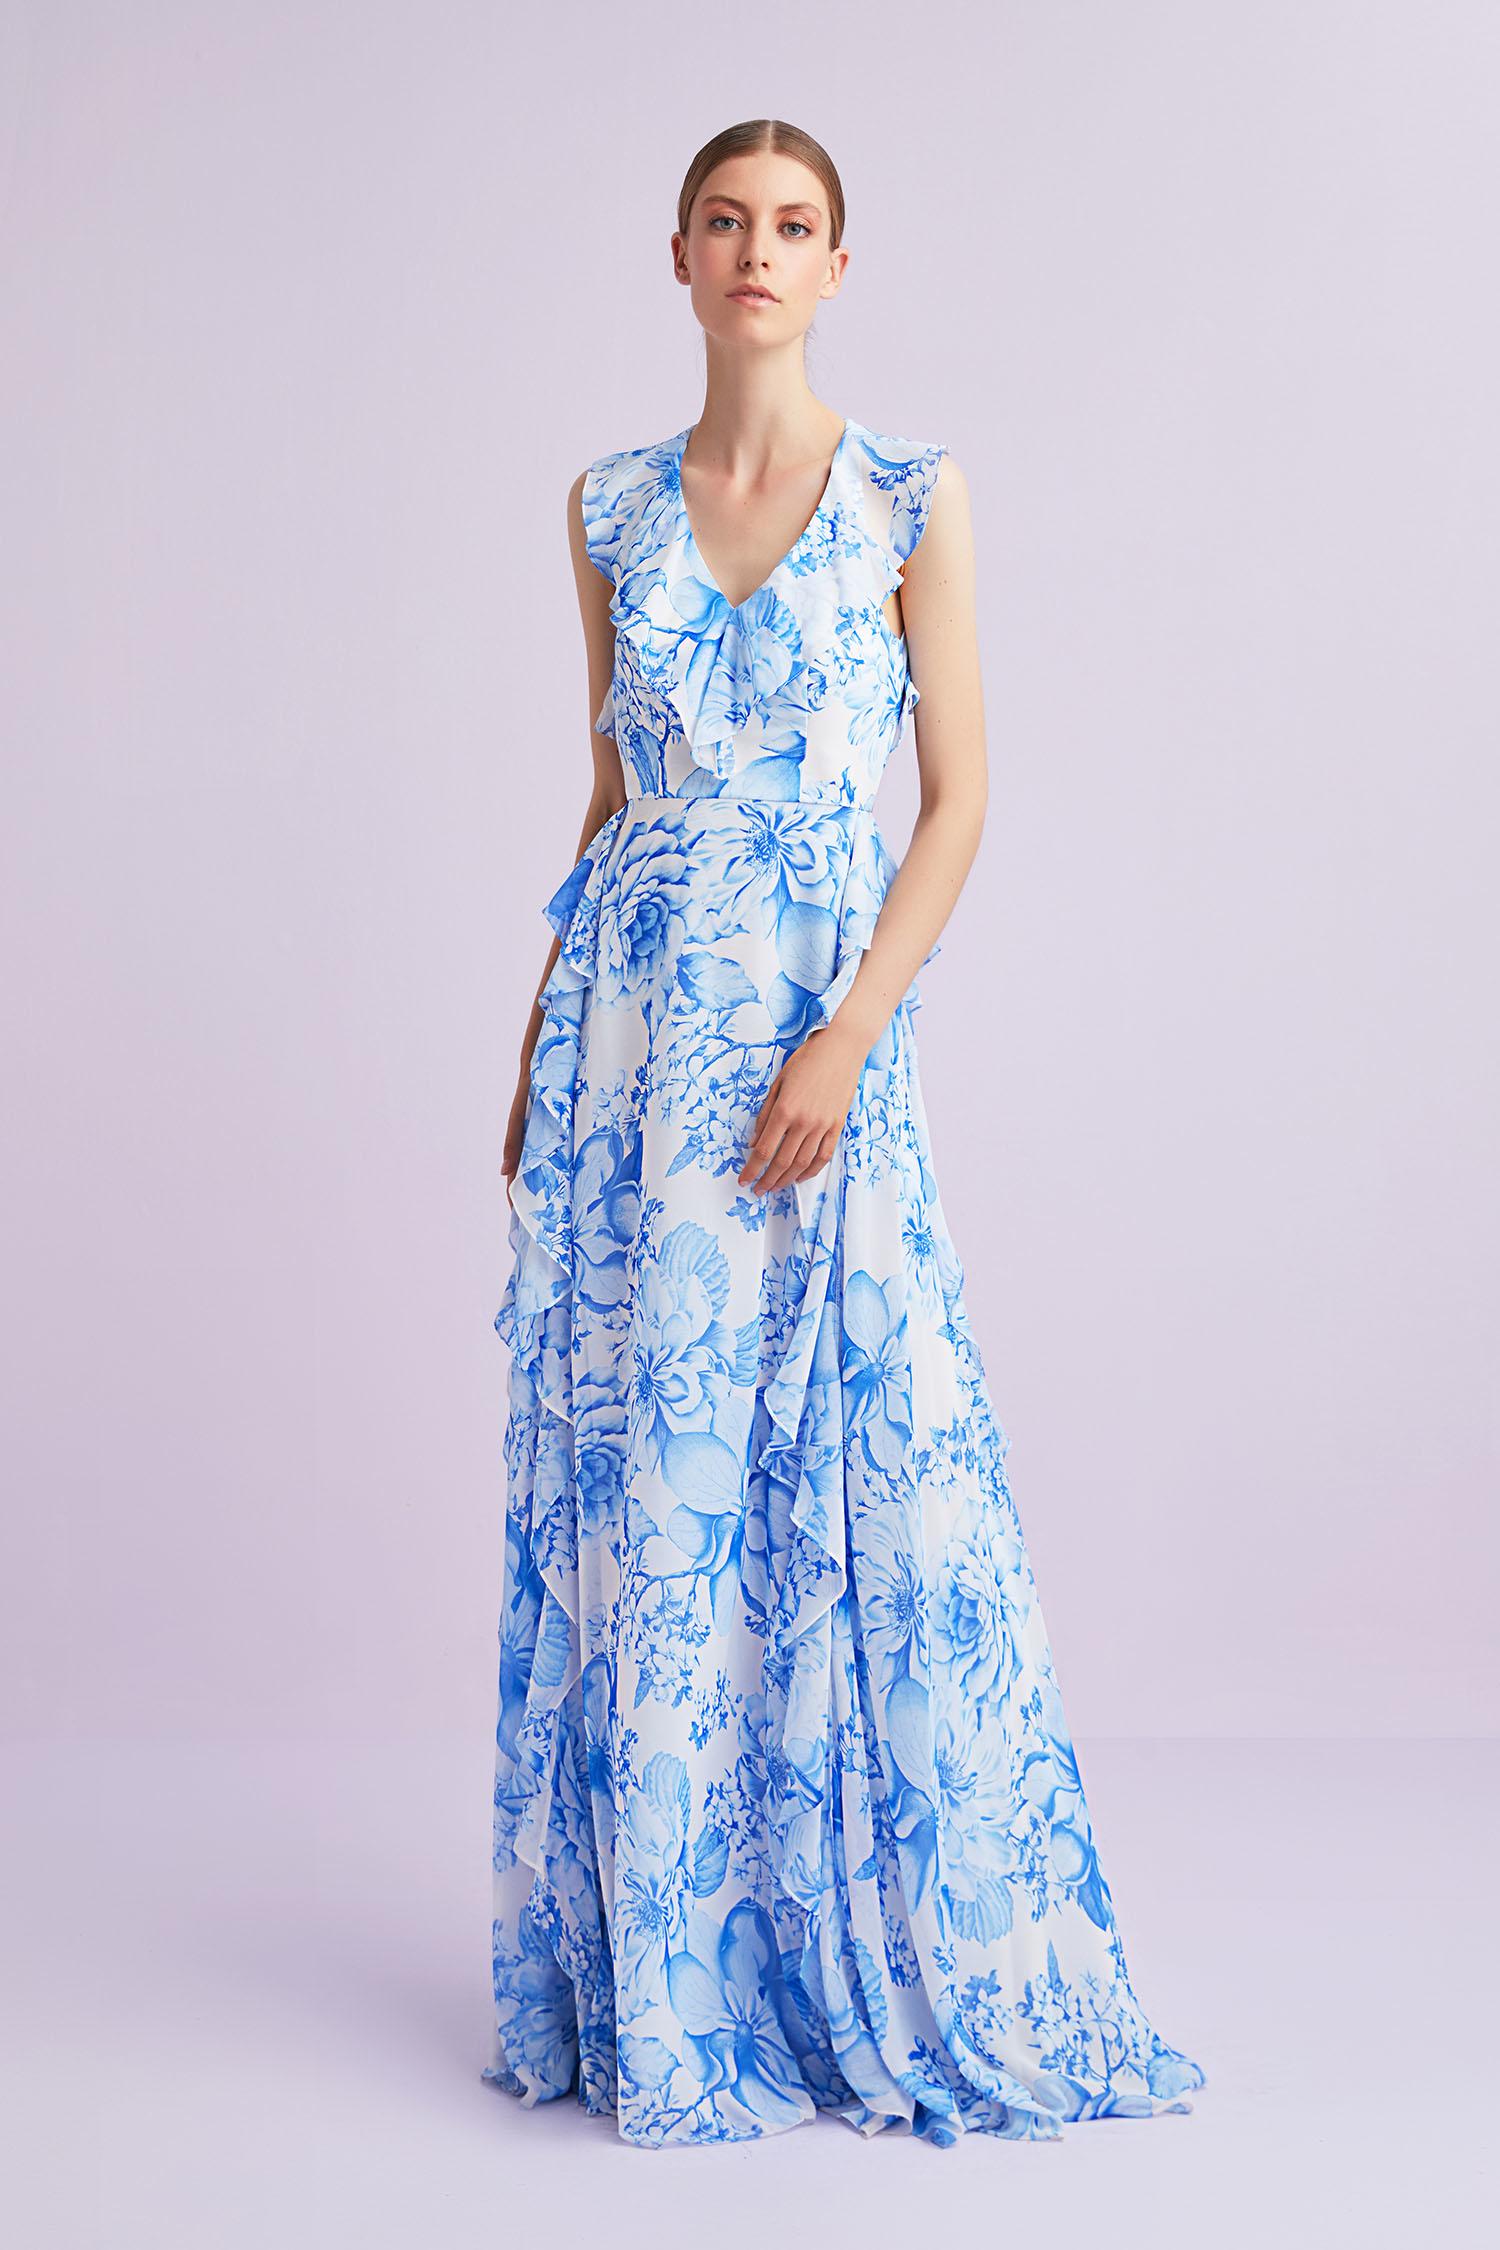 Mavi Çiçek Desenli Askılı Şifon Uzun Elbise - Thumbnail